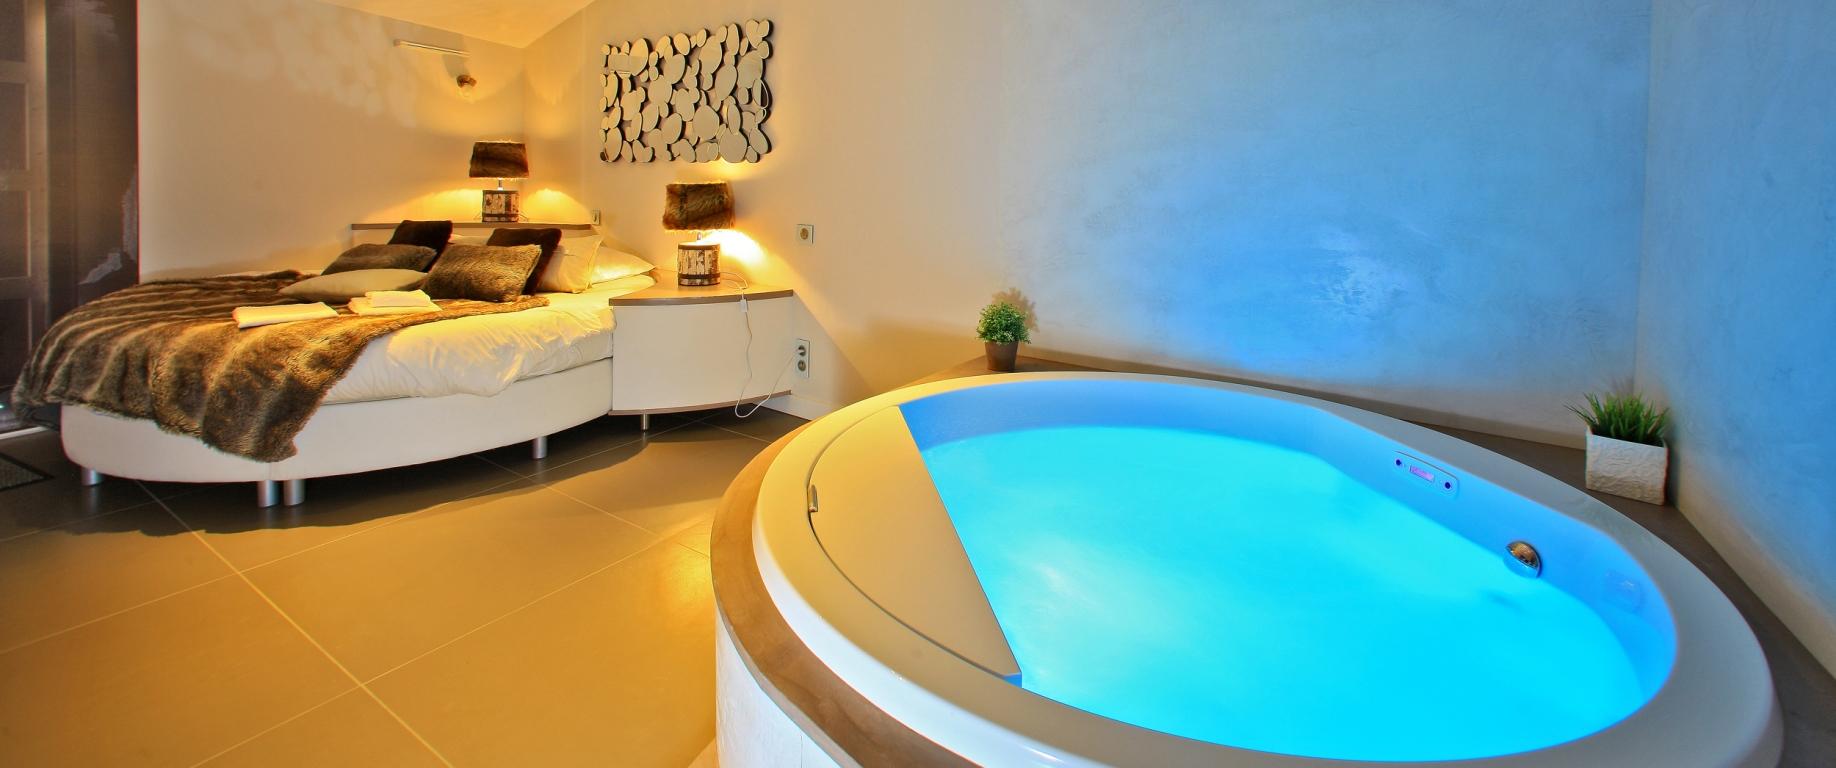 suite avec jacuzzi hotel Noirmoutier